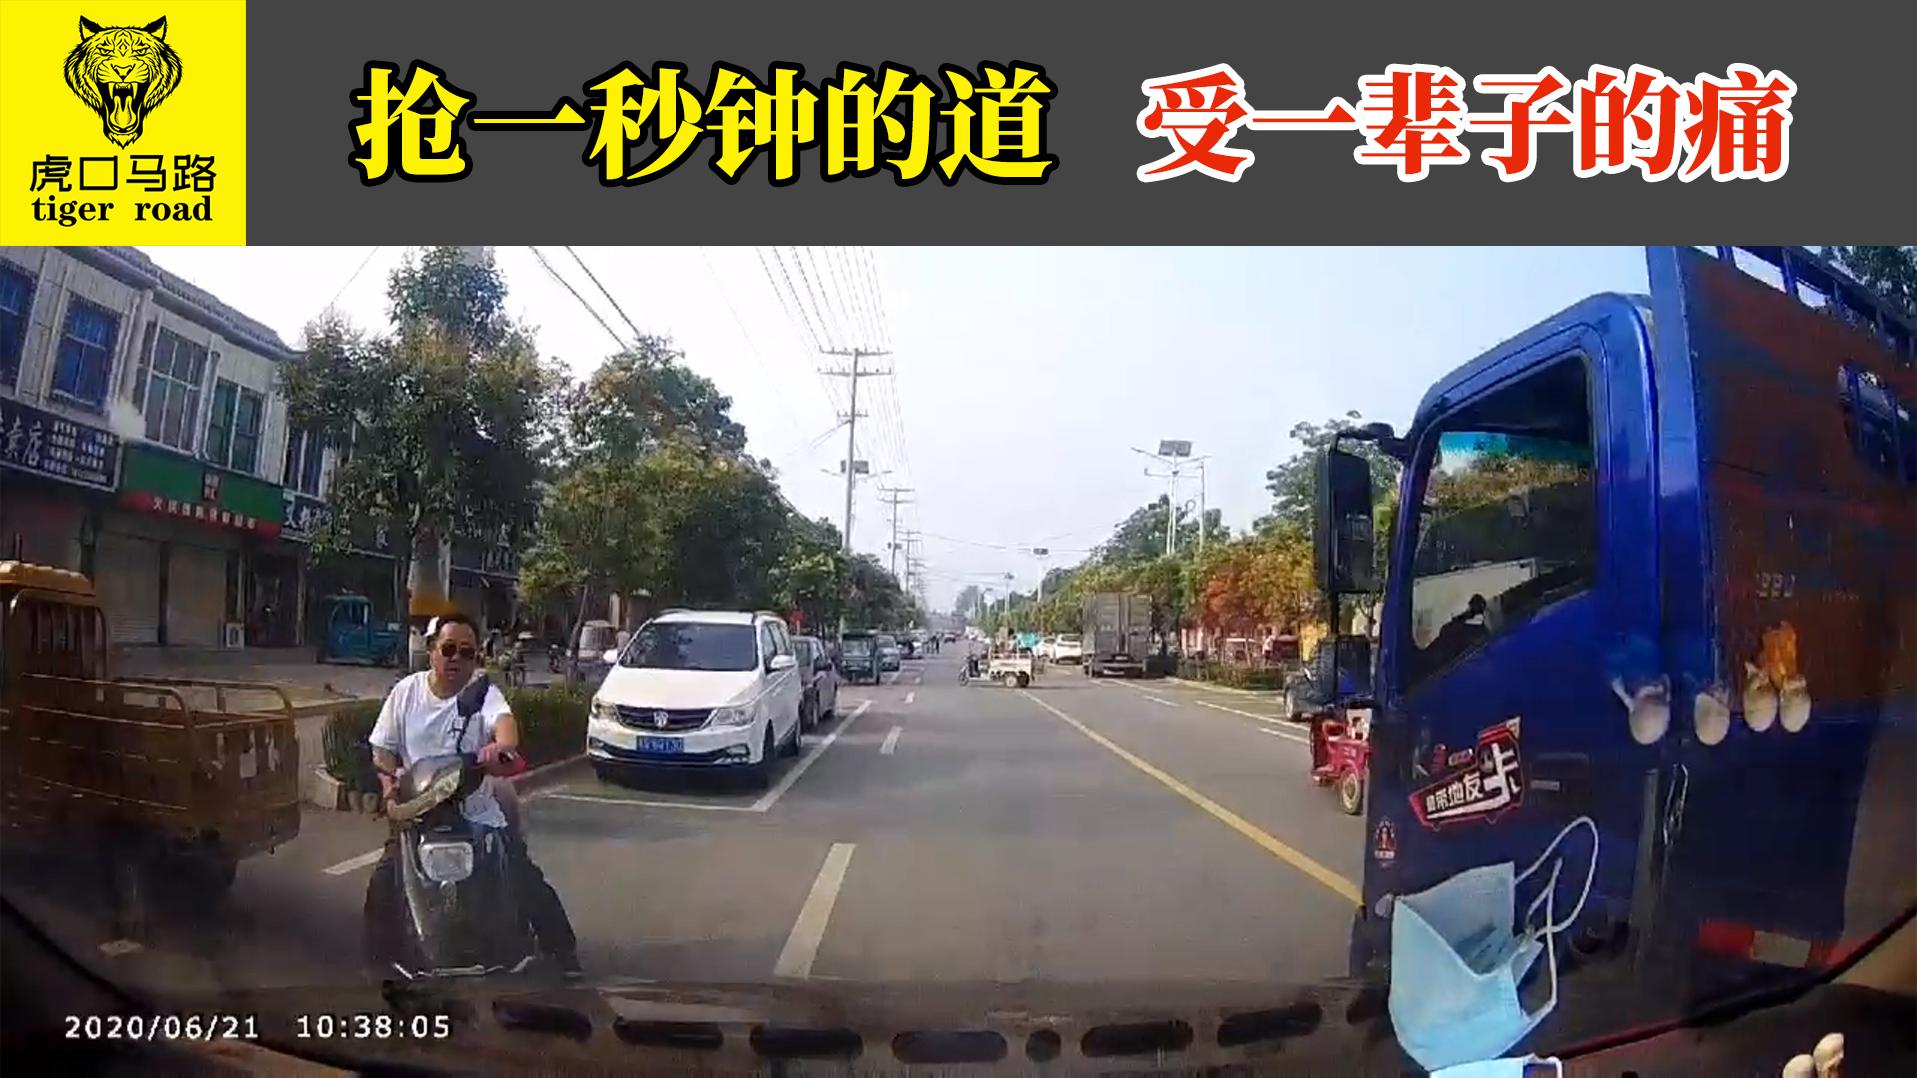 2020交通事故(34):抢一秒钟的道,受一辈子的痛-通用